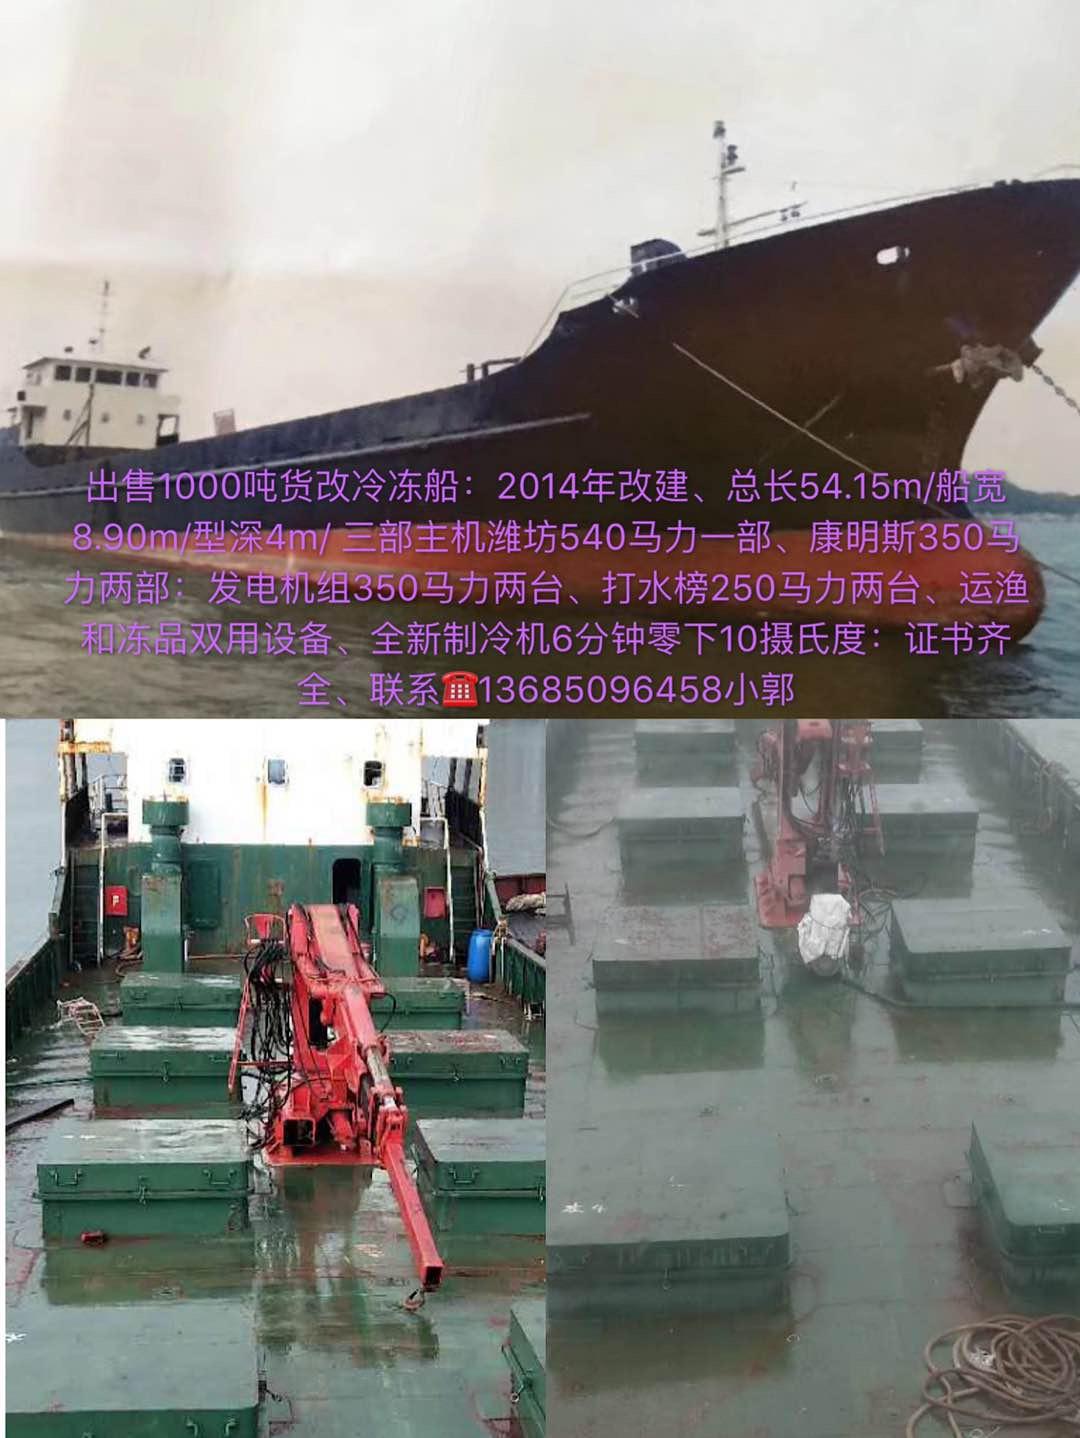 出售1000吨冷冻船